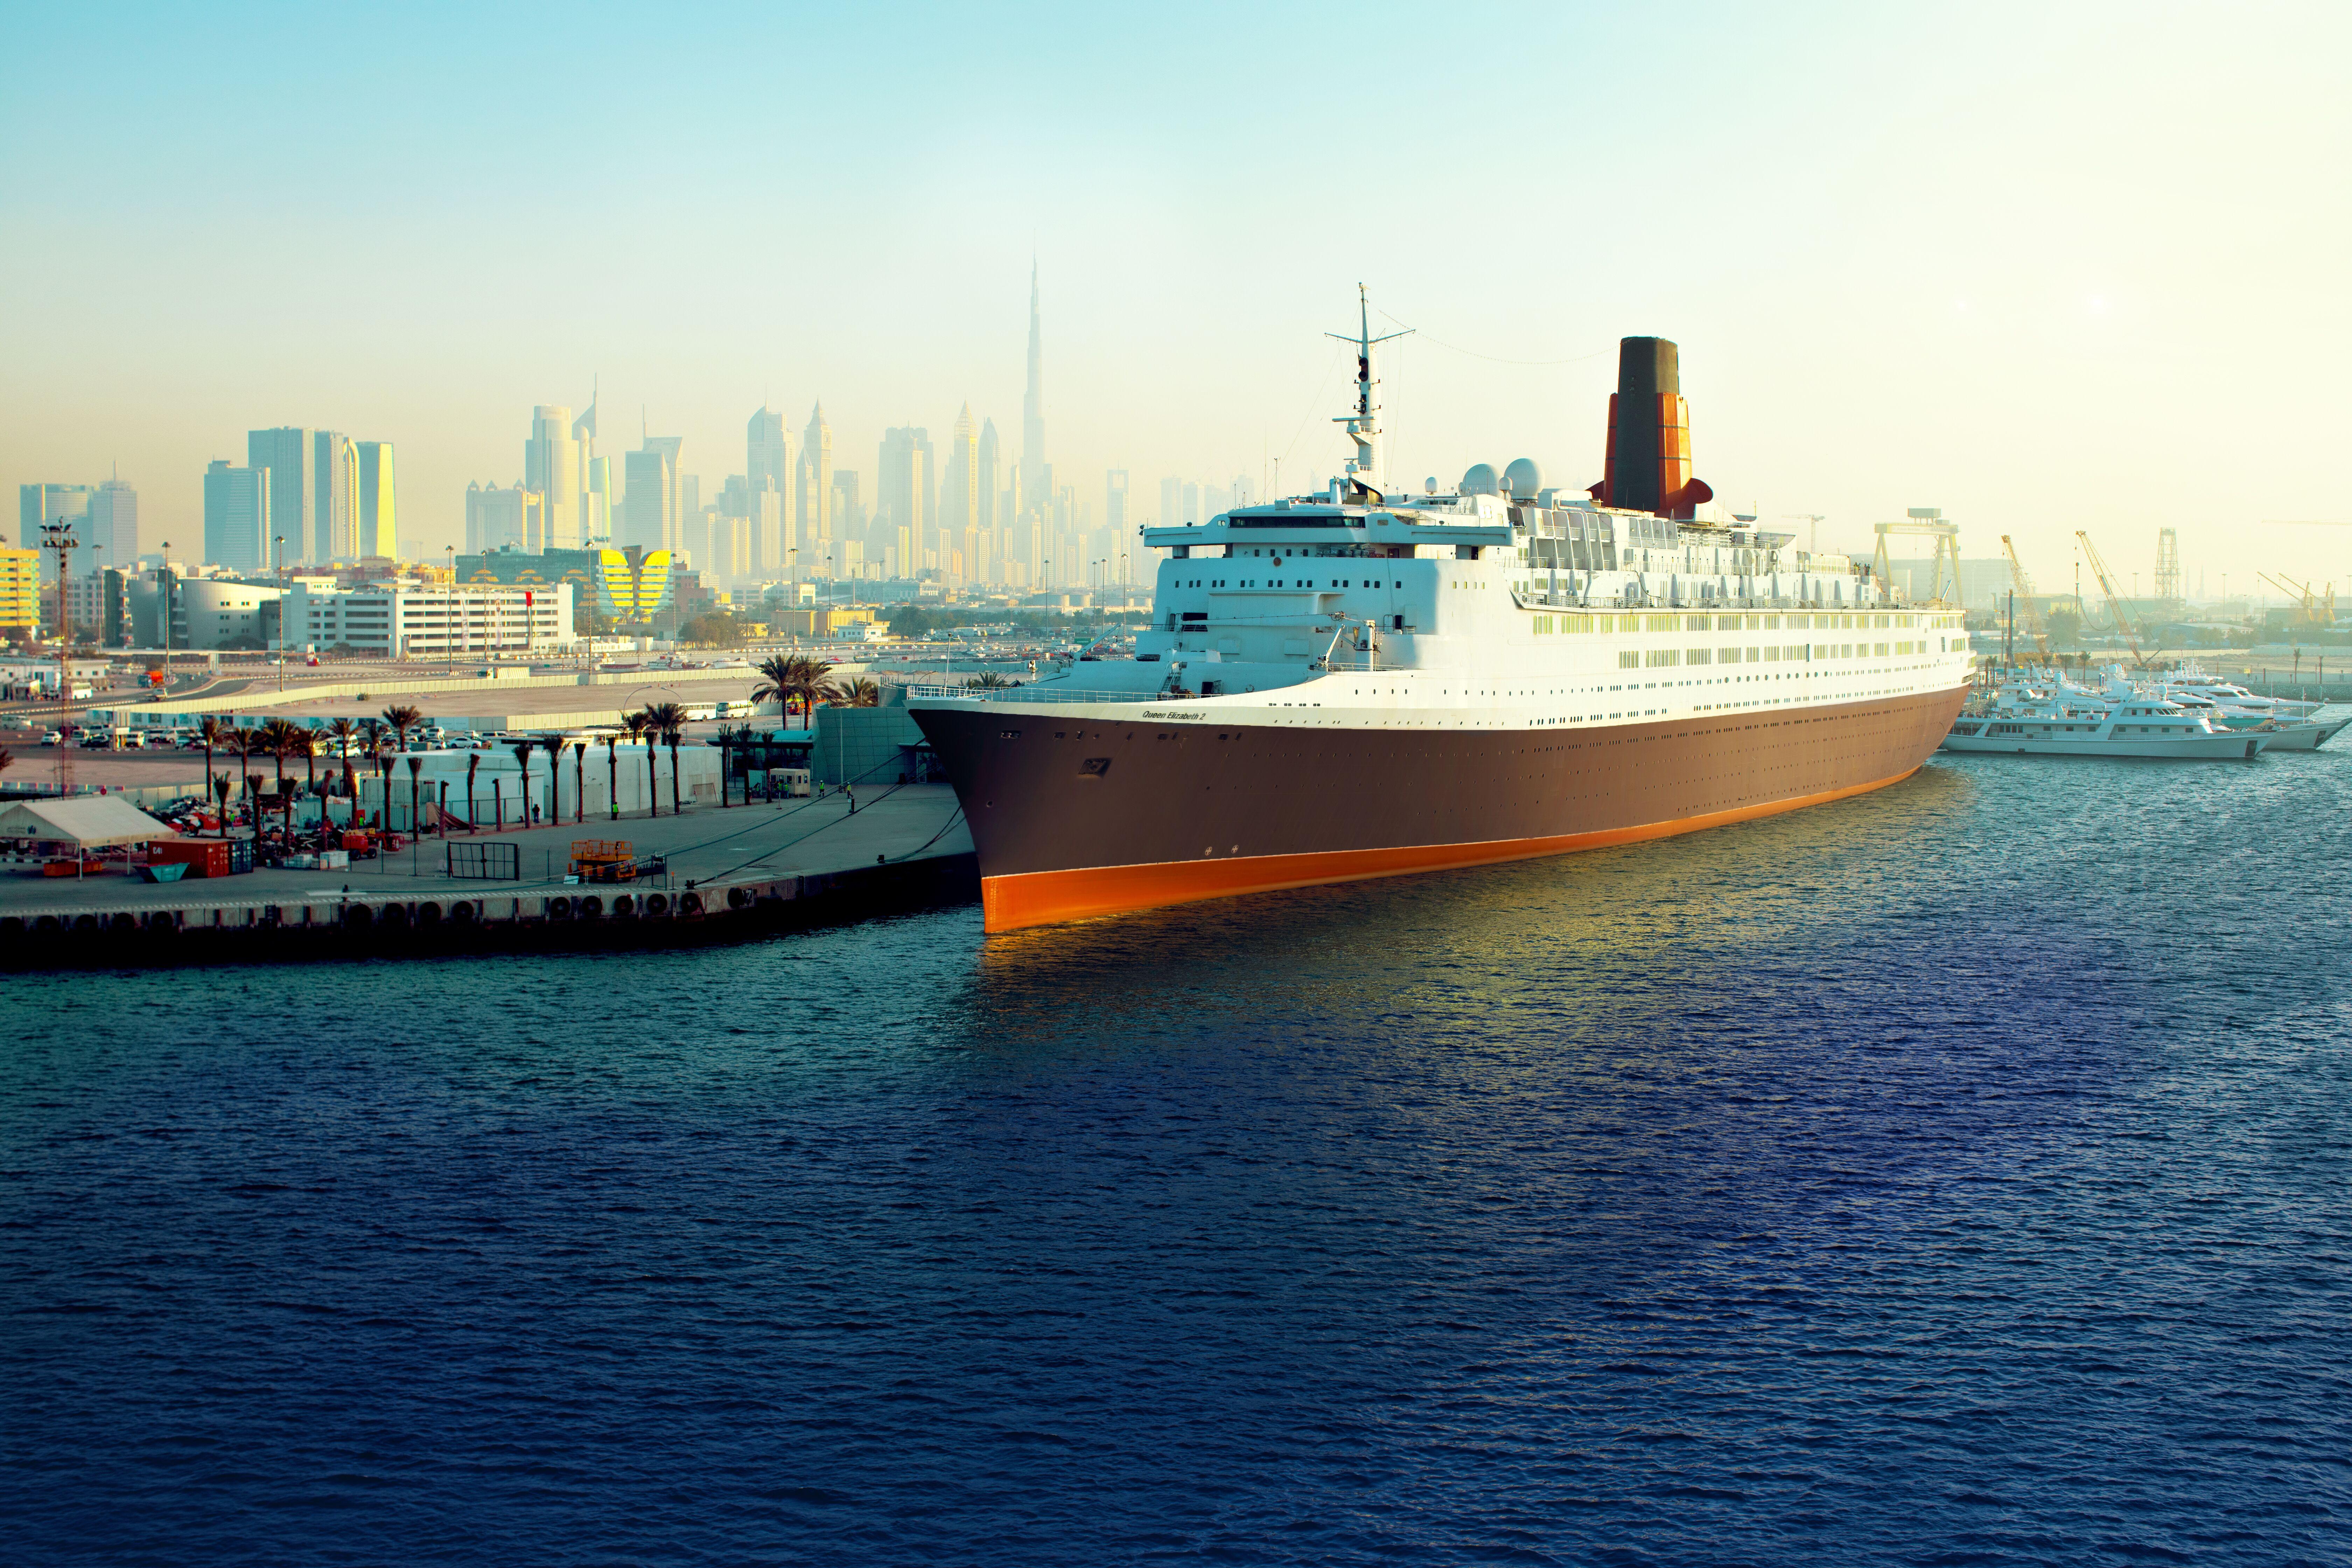 سفينة كوين إليزابيث 2 يحتفل بالعيد الثالث والتسعينللملكة إليزابيث الثانية